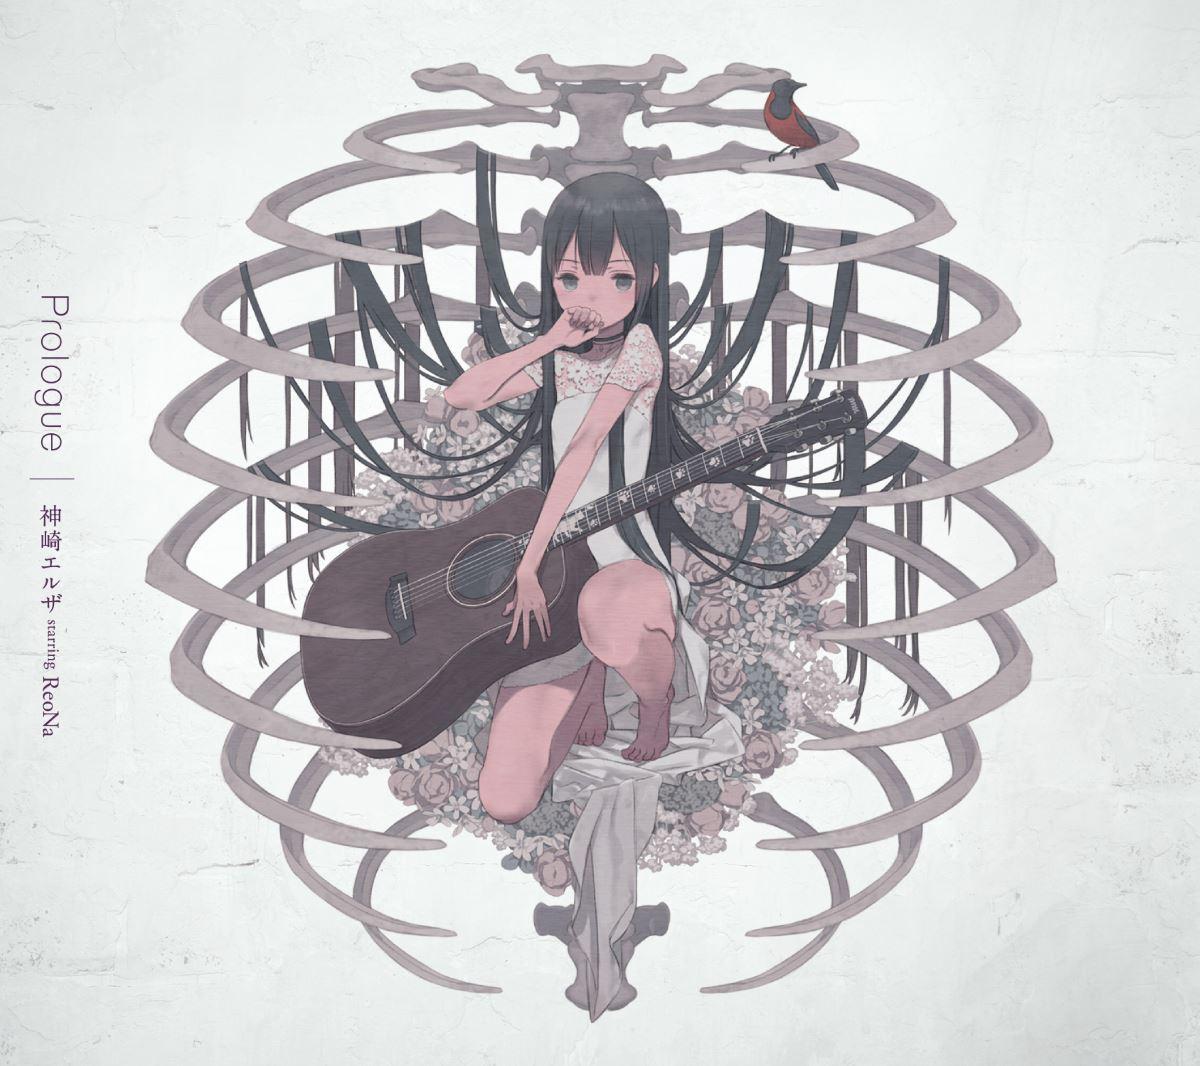 『神崎エルザ starring ReoNa - ALONE』収録の『Prologue』ジャケット